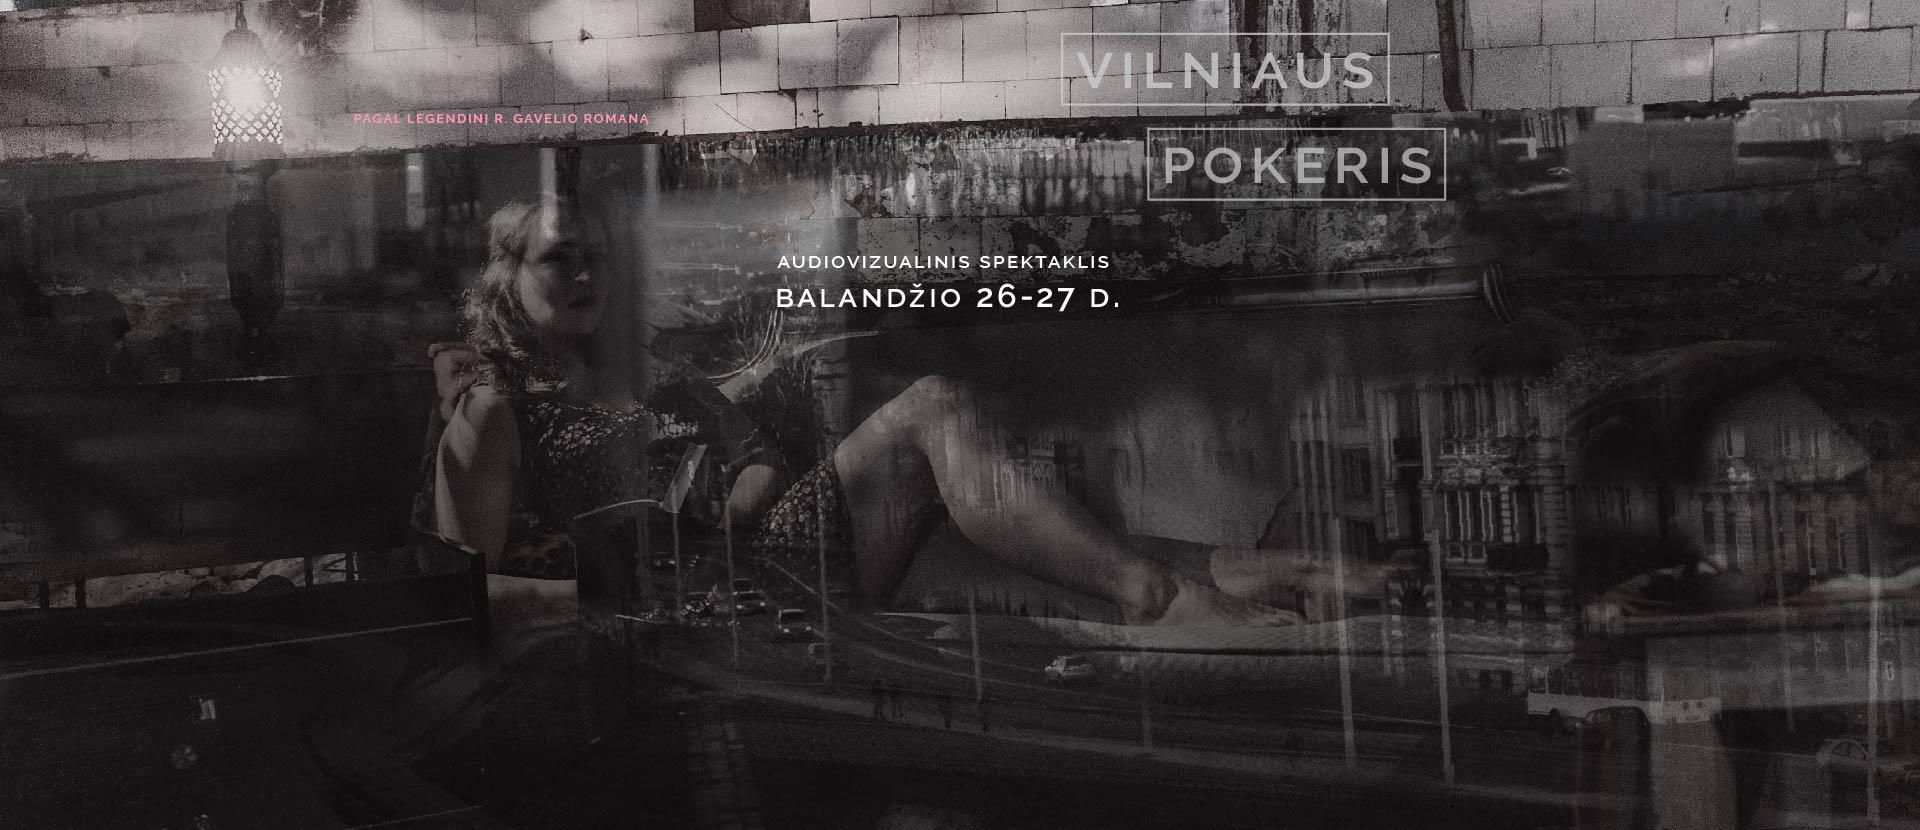 """Audiovizualinis spektaklis """"Vilniaus pokeris"""""""